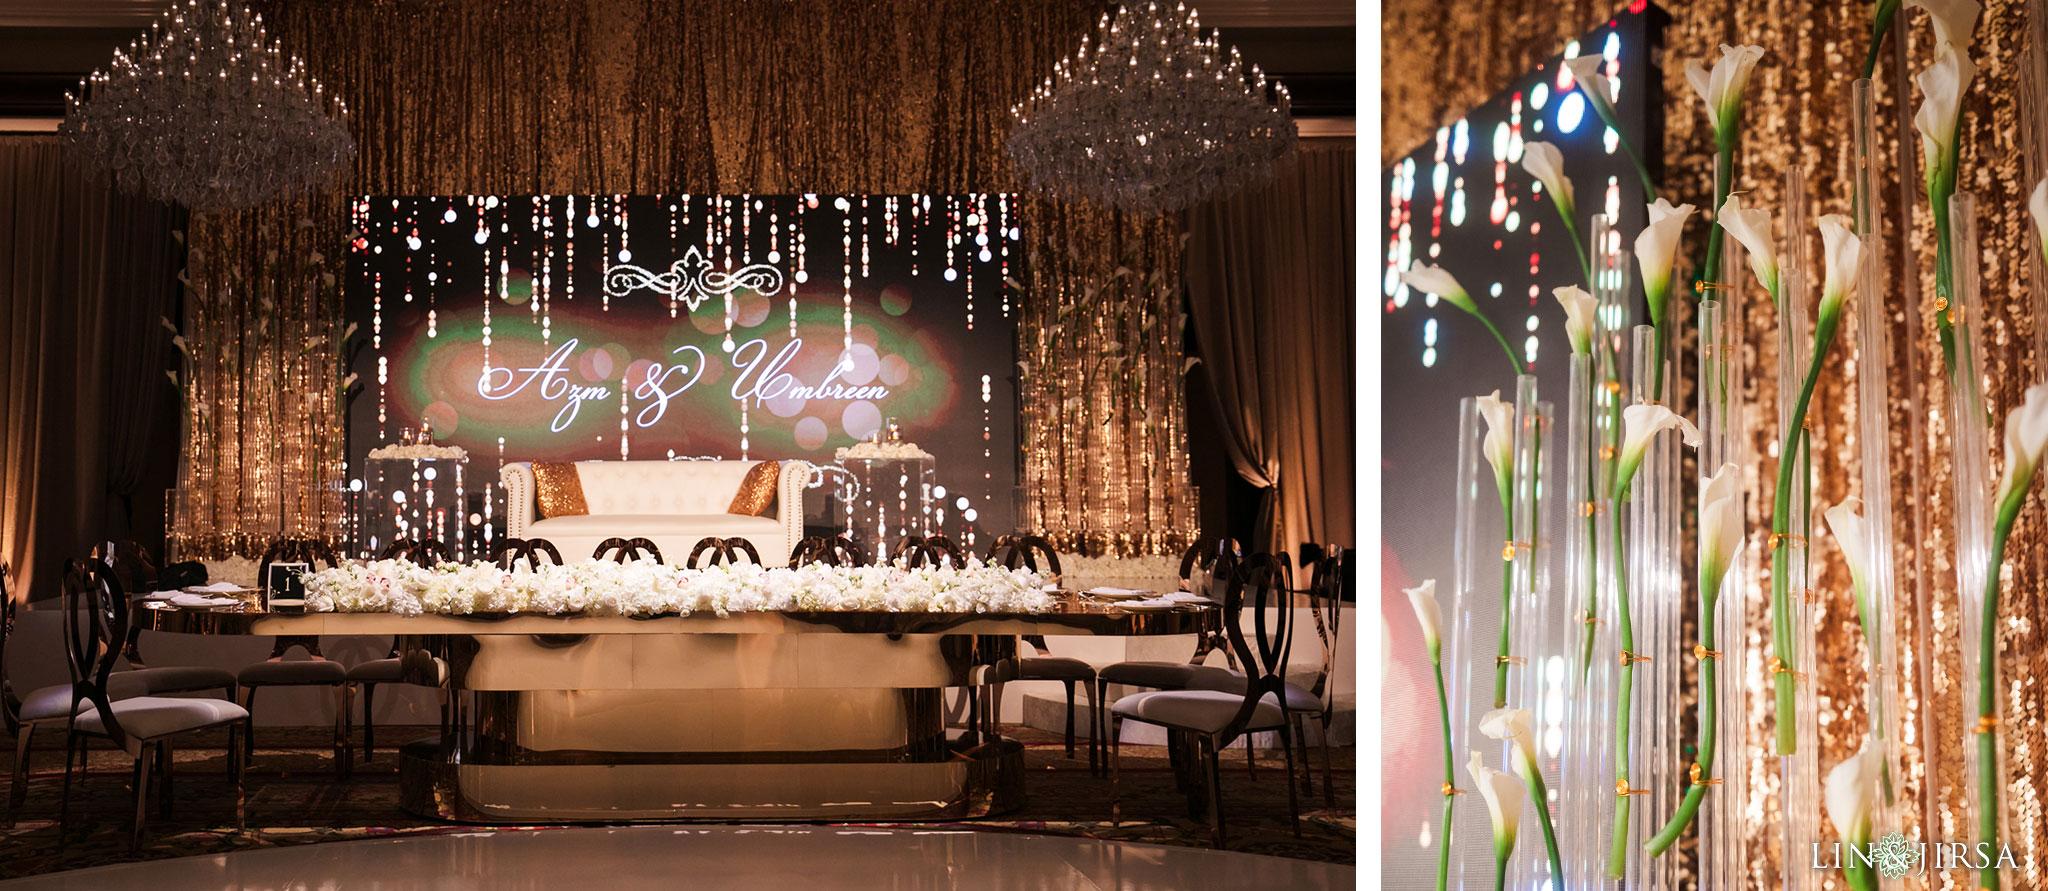 014 four seasons westlake village wedding reception valima photography